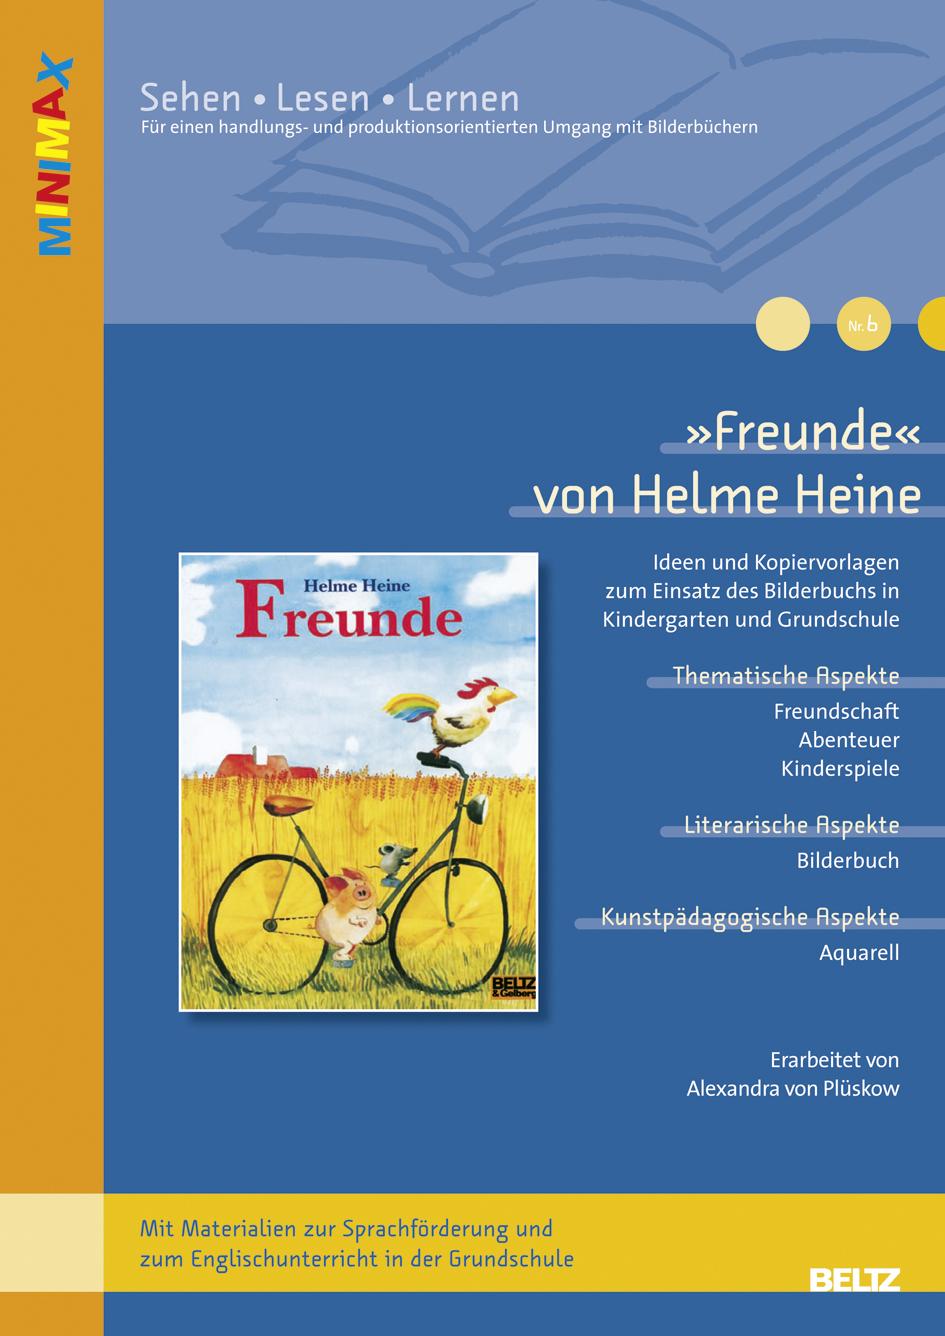 Freunde« von Helme Heine - Ideen und Kopiervorlagen zum Einsatz des ...